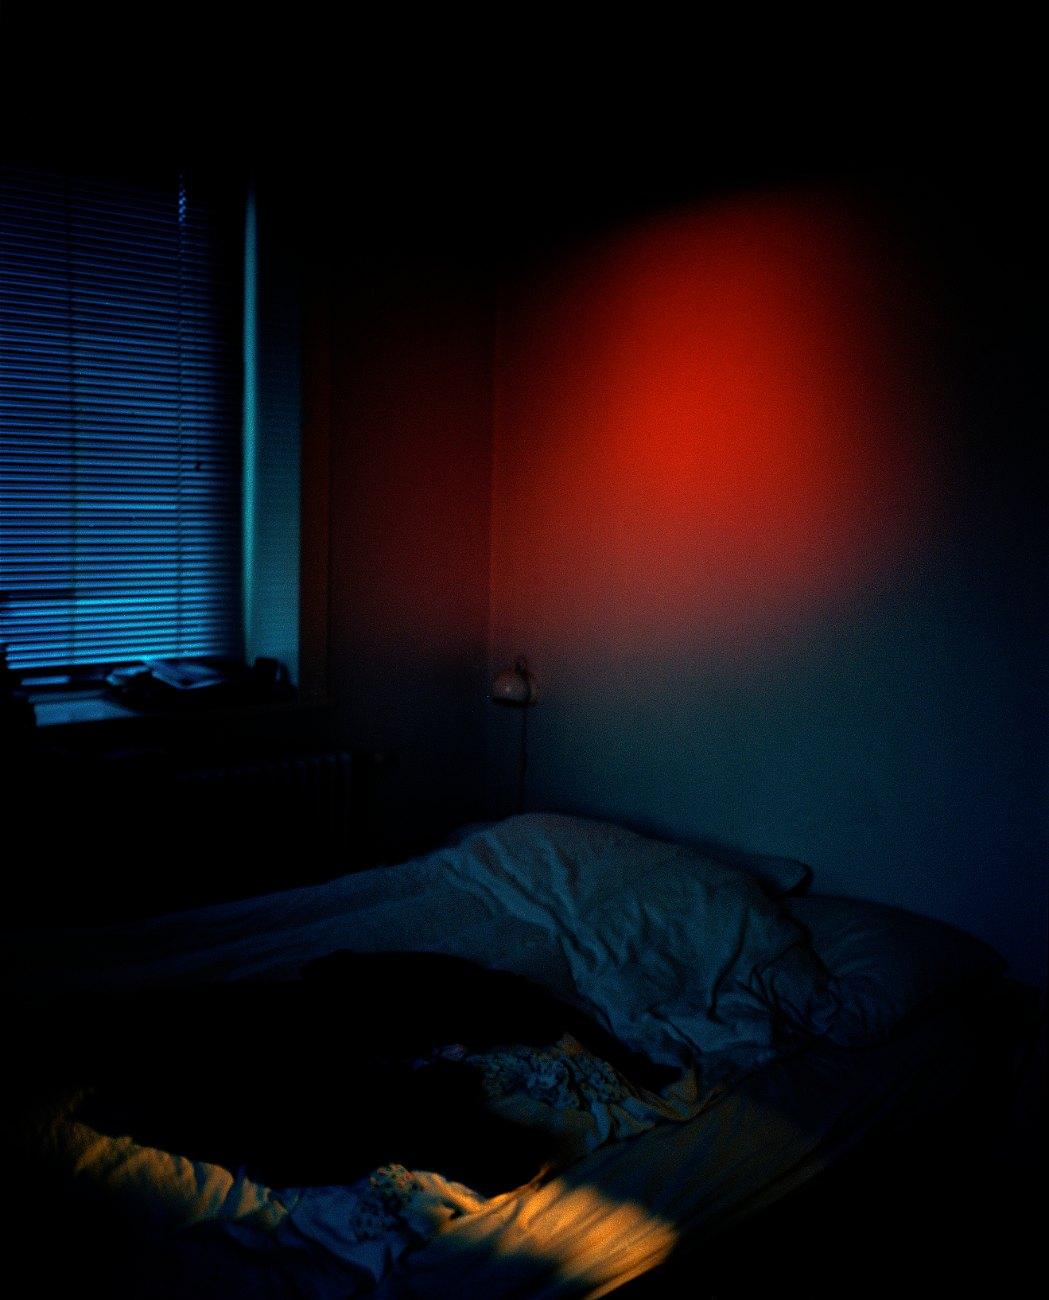 velvet glow, 2009, C-print, 101 x 83 cm